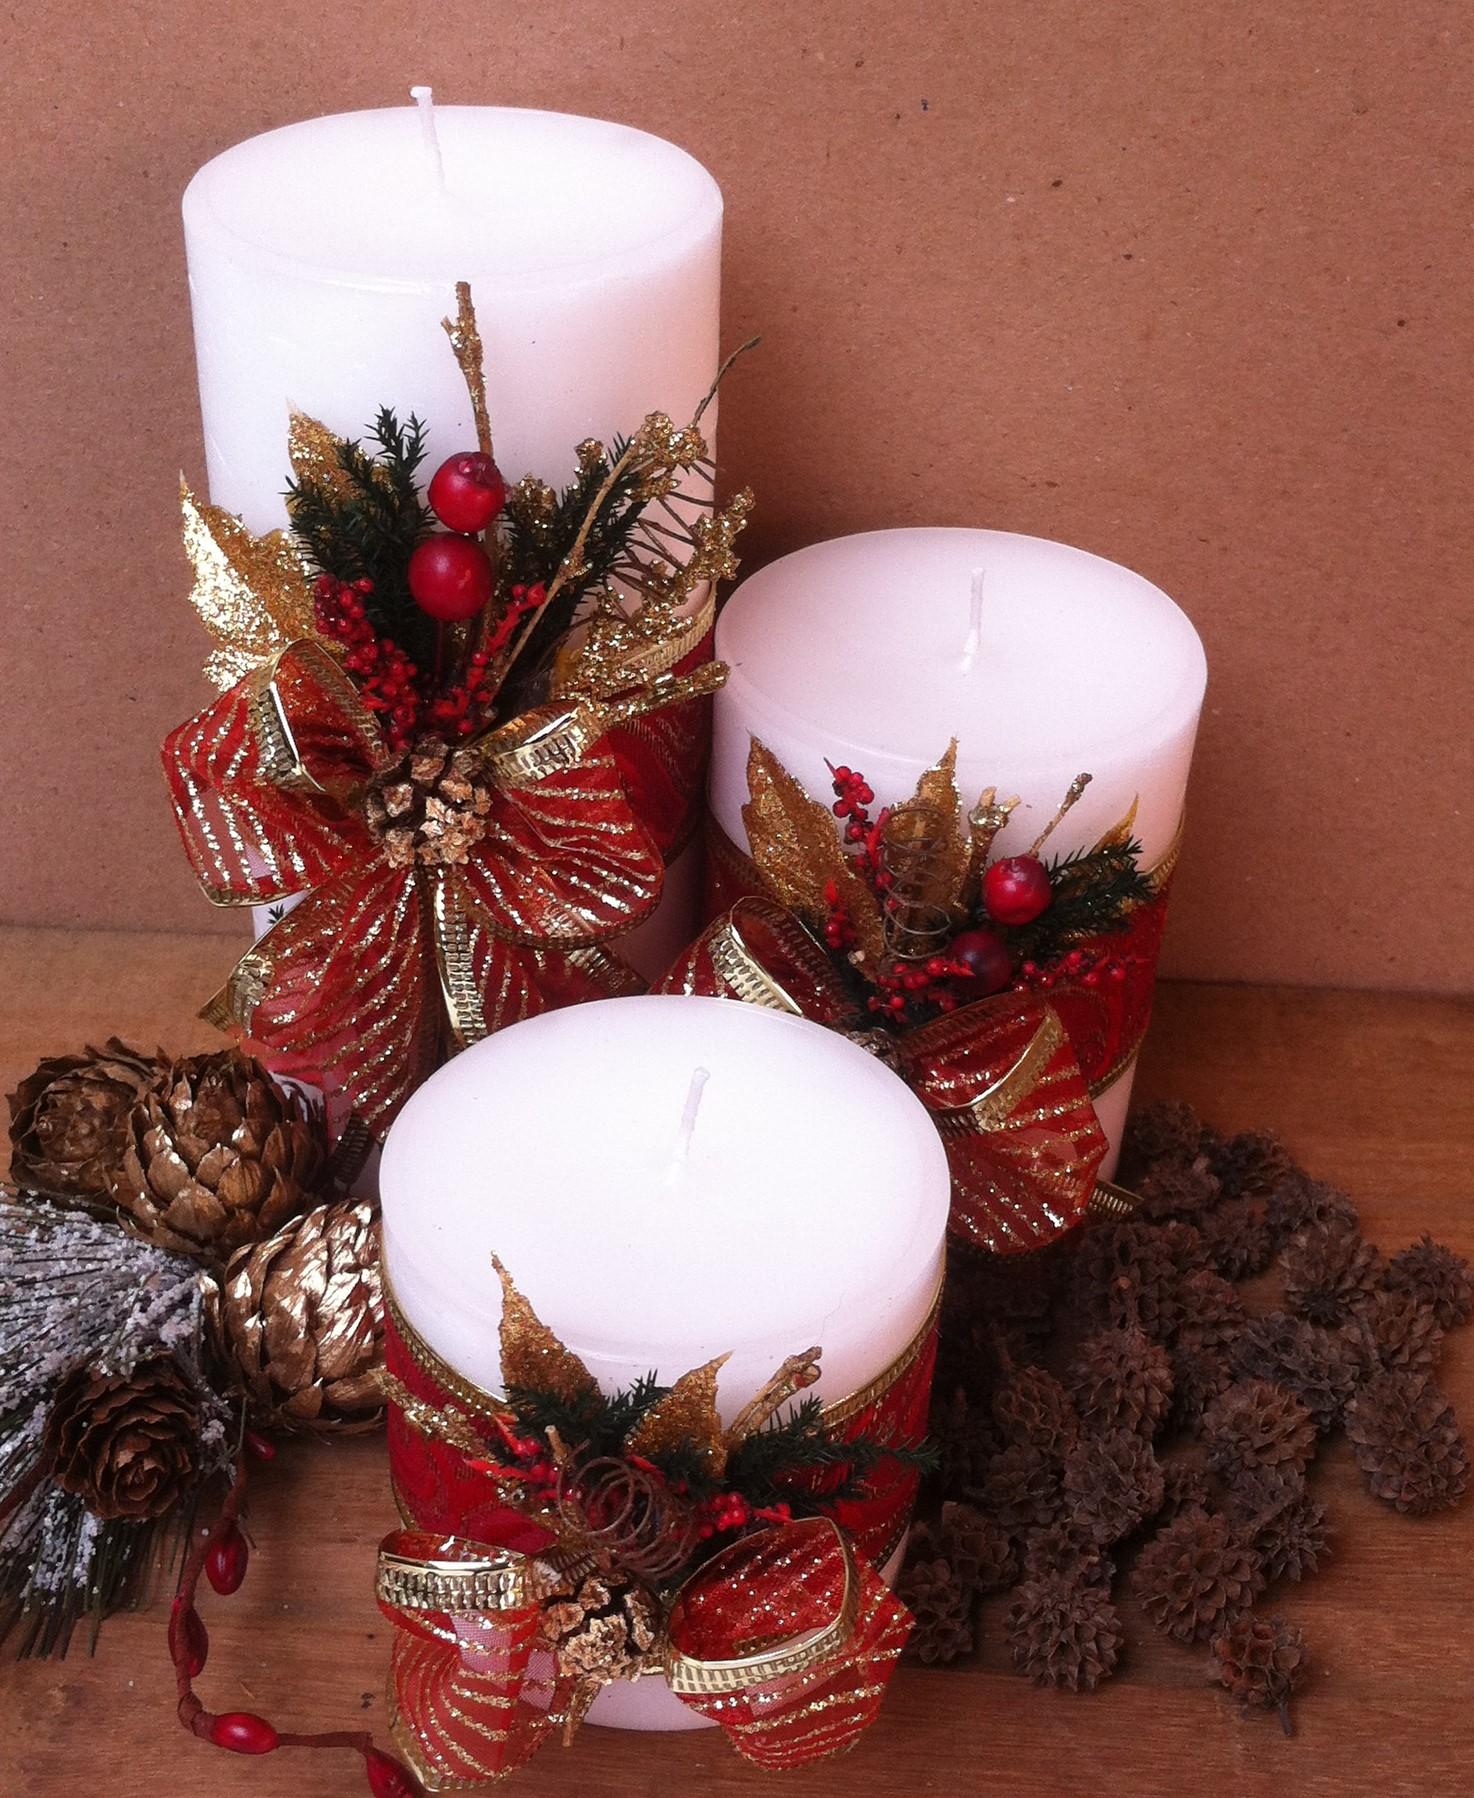 velas decoradas para natal dimetro 7cm essencialart elo7 - Velas Decoradas